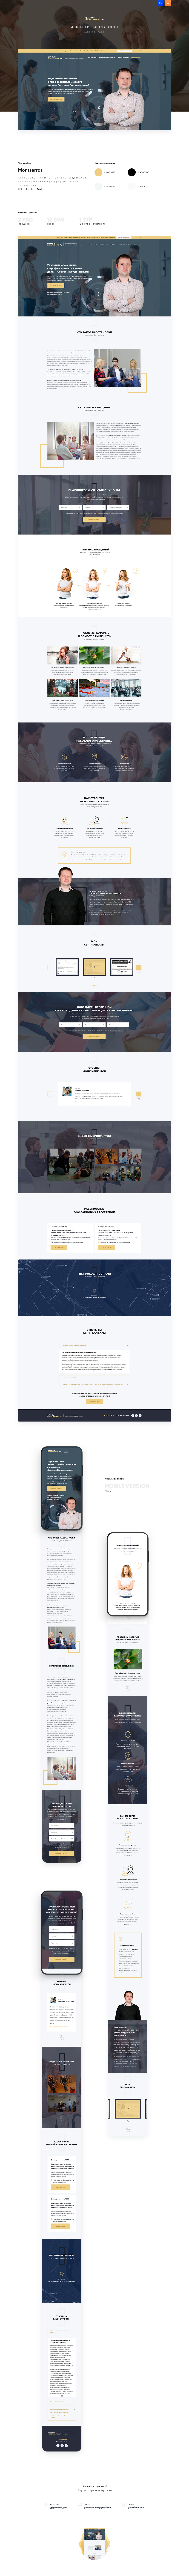 Дизайн Landing Page – Авторские расстановки «Сергей Балденков»